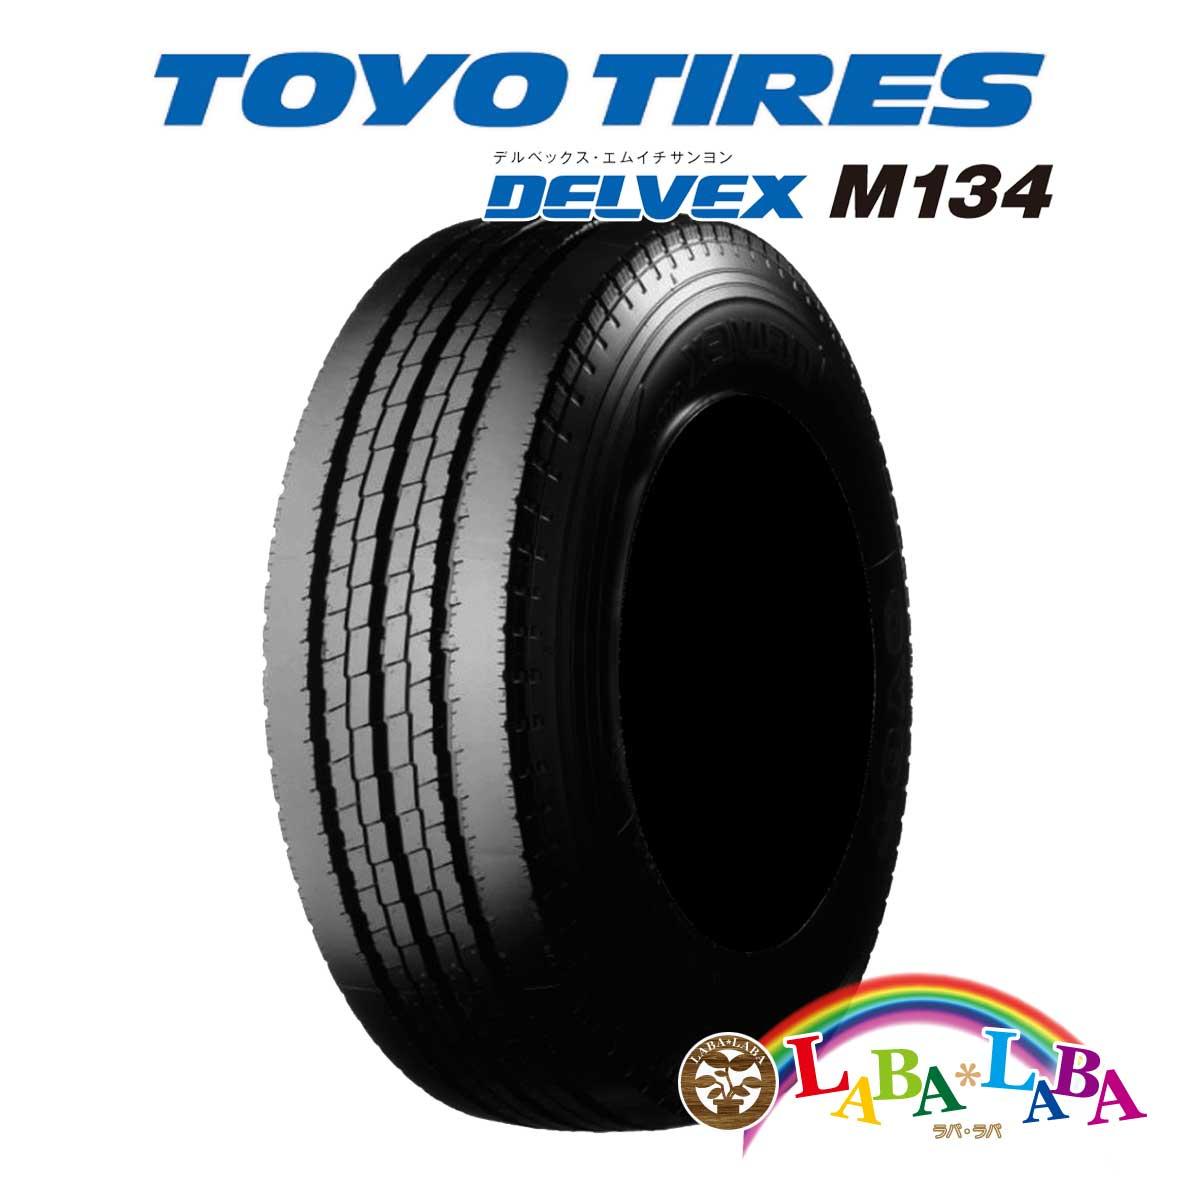 送料無料 国産タイヤ サマータイヤ 国内正規総代理店アイテム 新品 タイヤのみ 4本SET 新作通販 TOYO トーヨー DELVEX 185 デルベックス LT 111 109N バン 4本セット M134 85R16